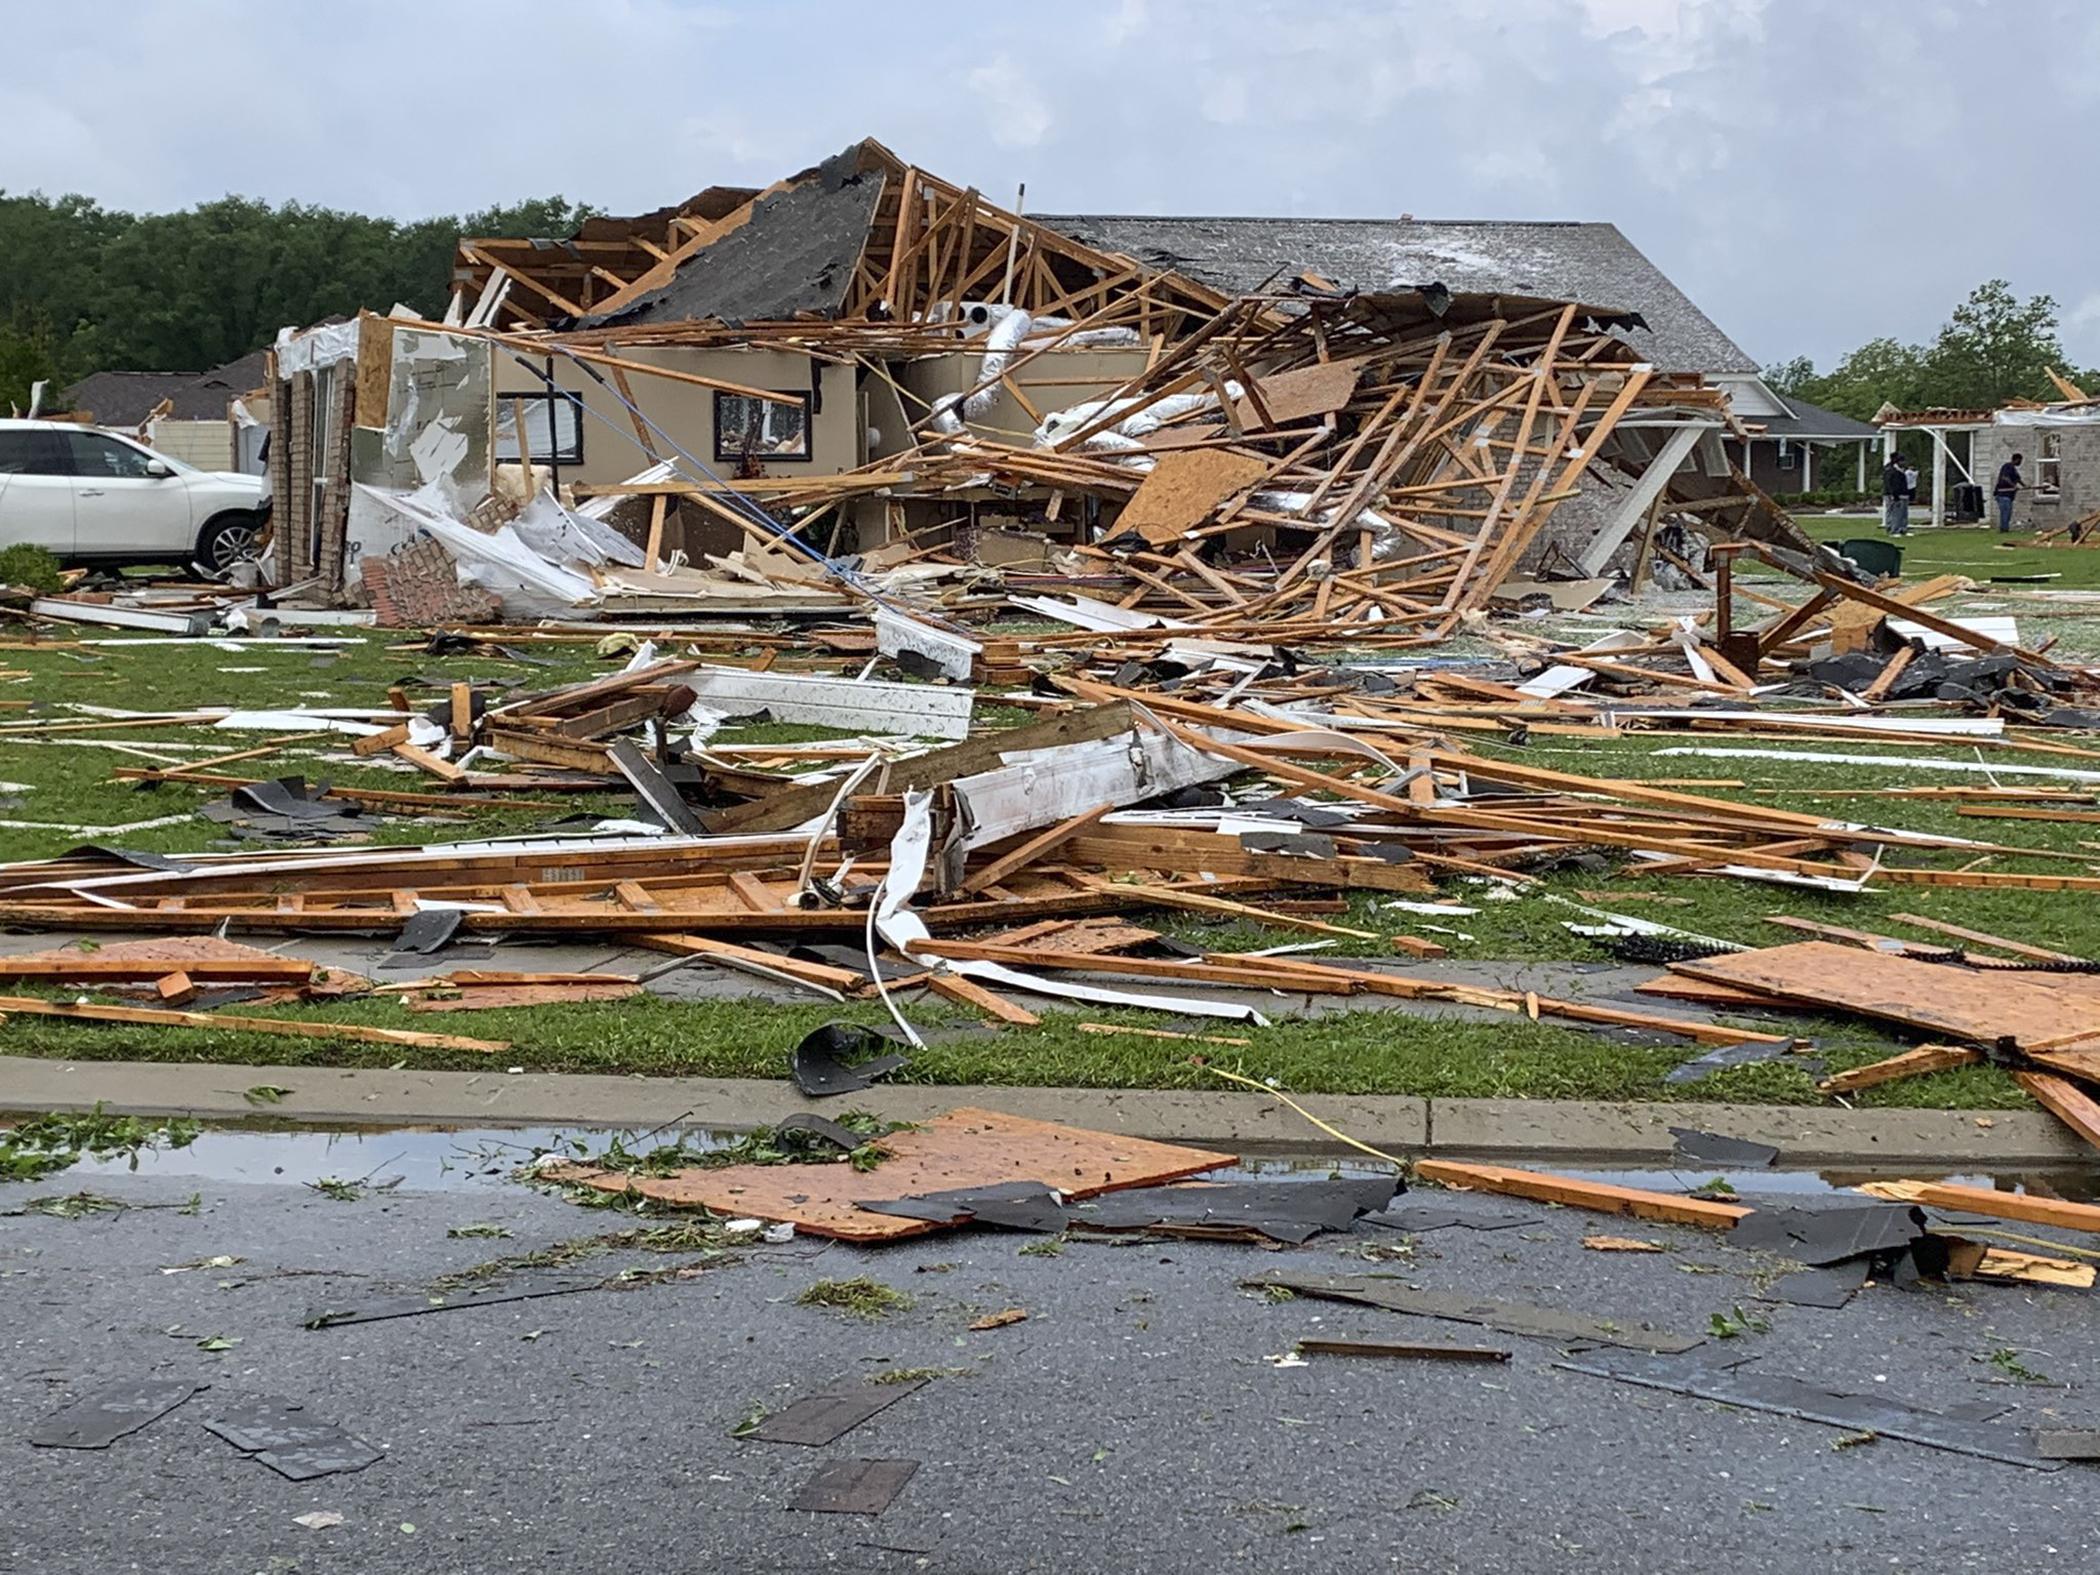 Tornádók pusztítottak az USA déli államaiban, legalább 18-an meghaltak